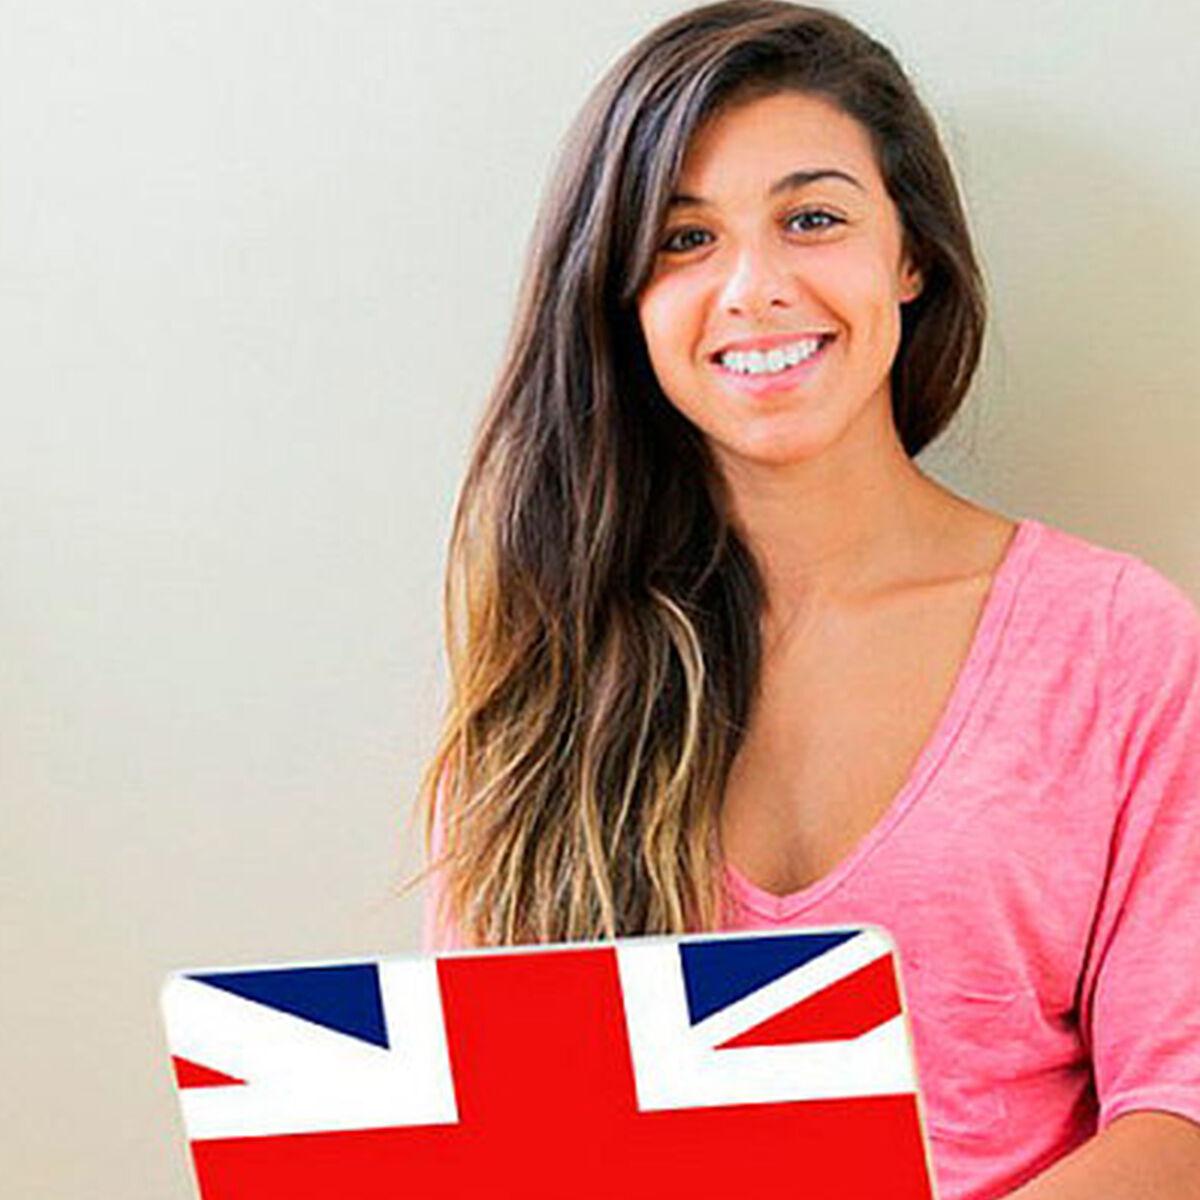 Curso online de inglés 36 meses con certificación internacional en British Language Center (BLC4U)